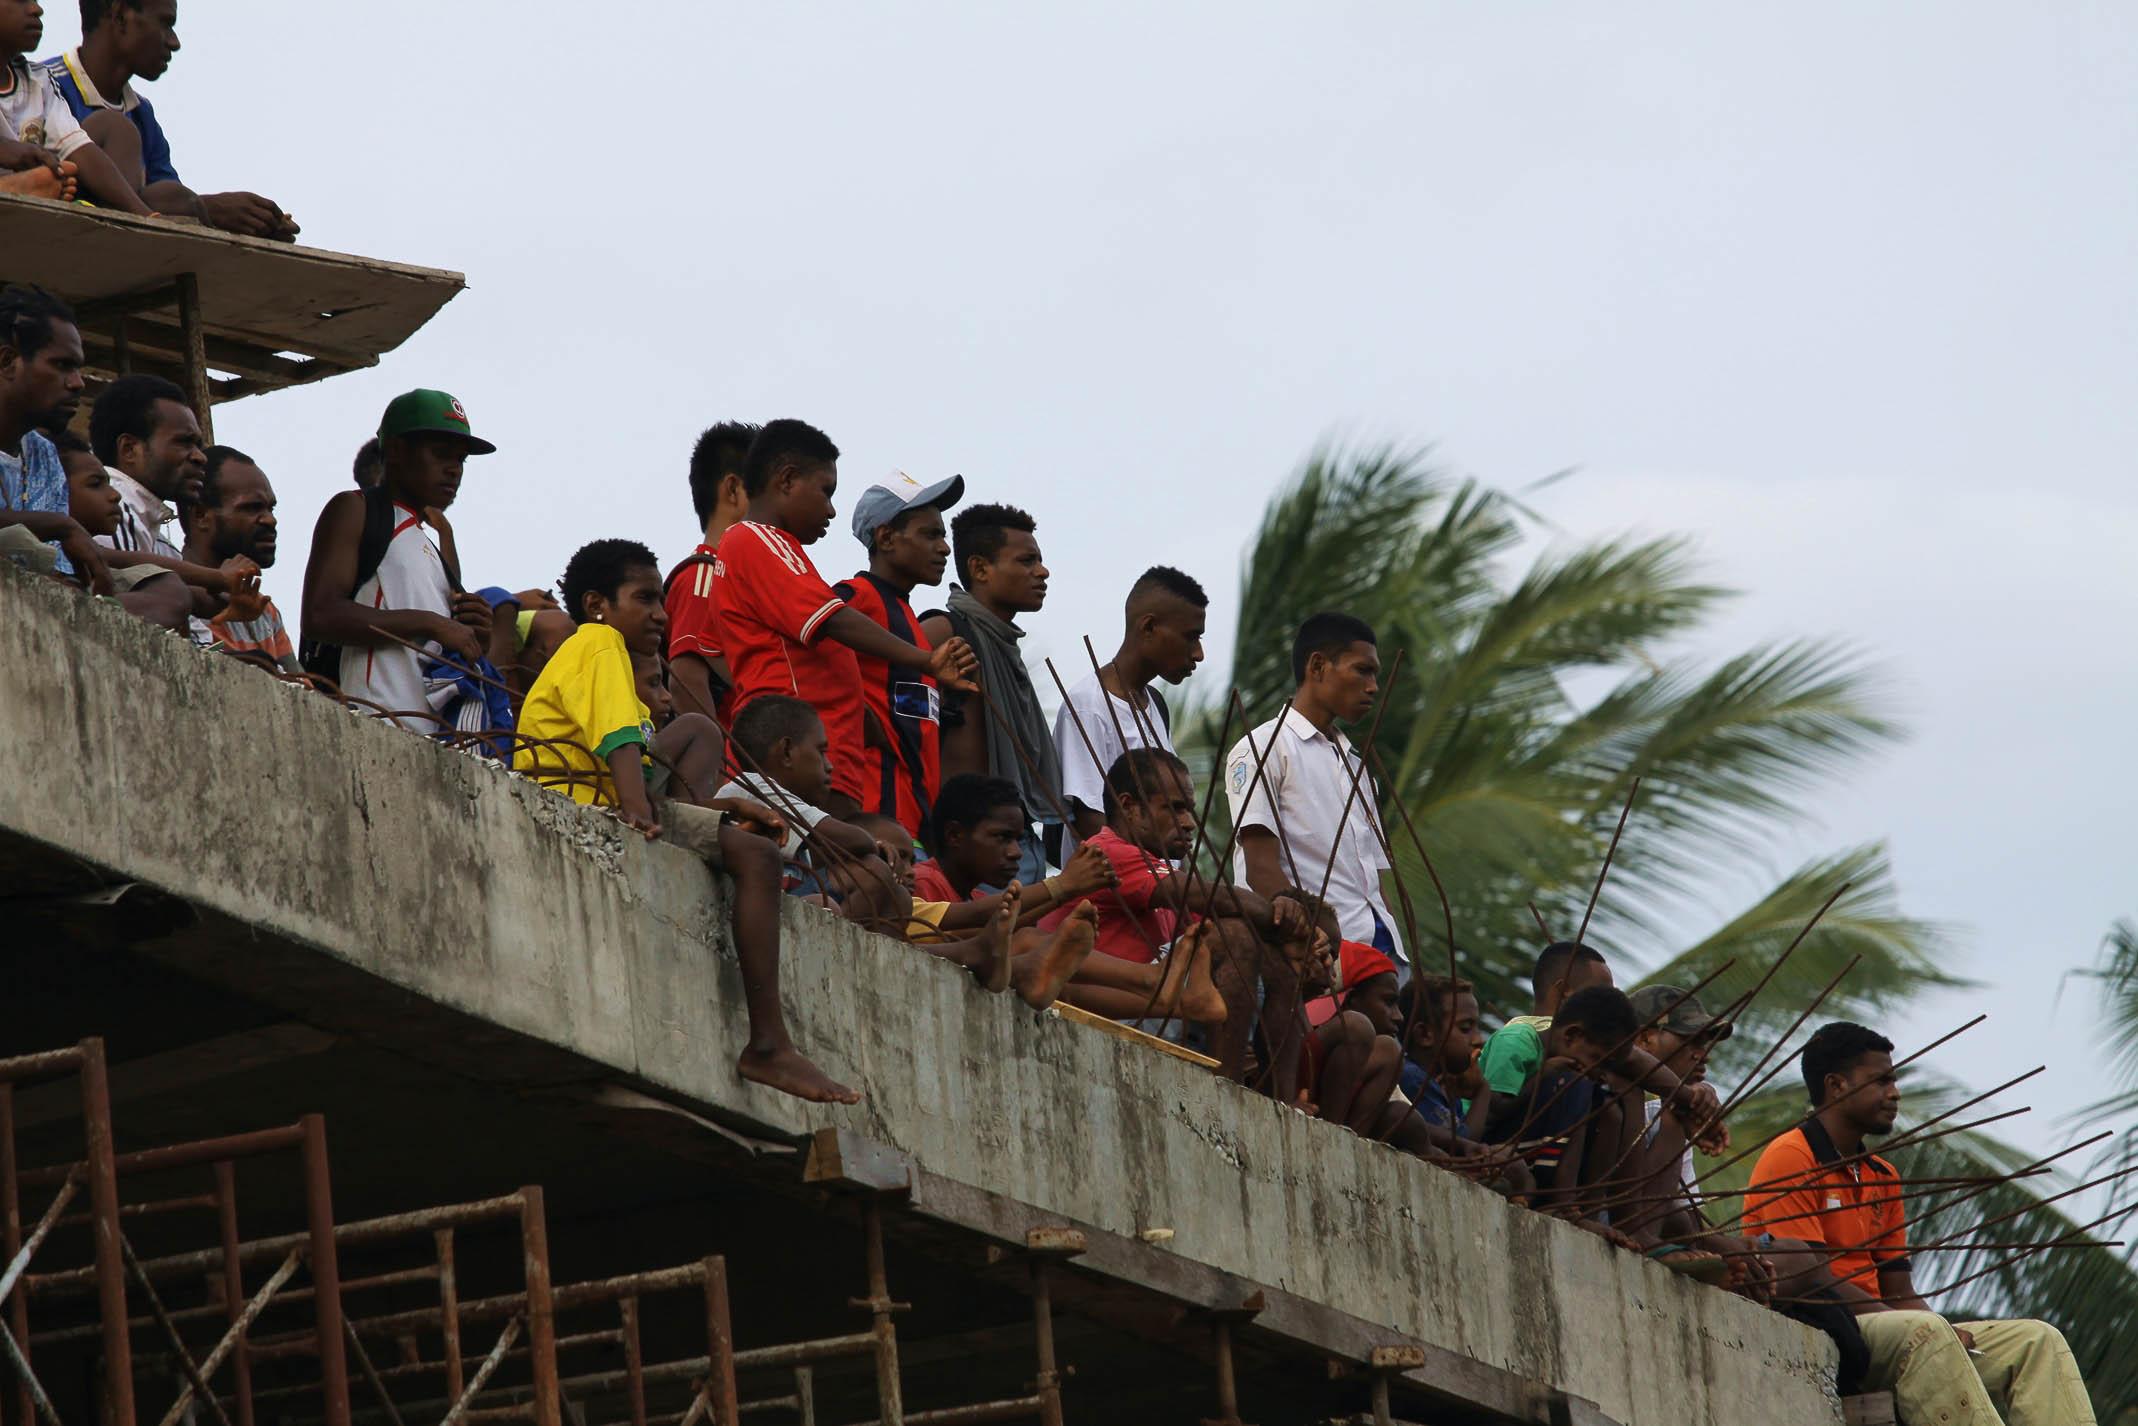 die besten plätze im stadion